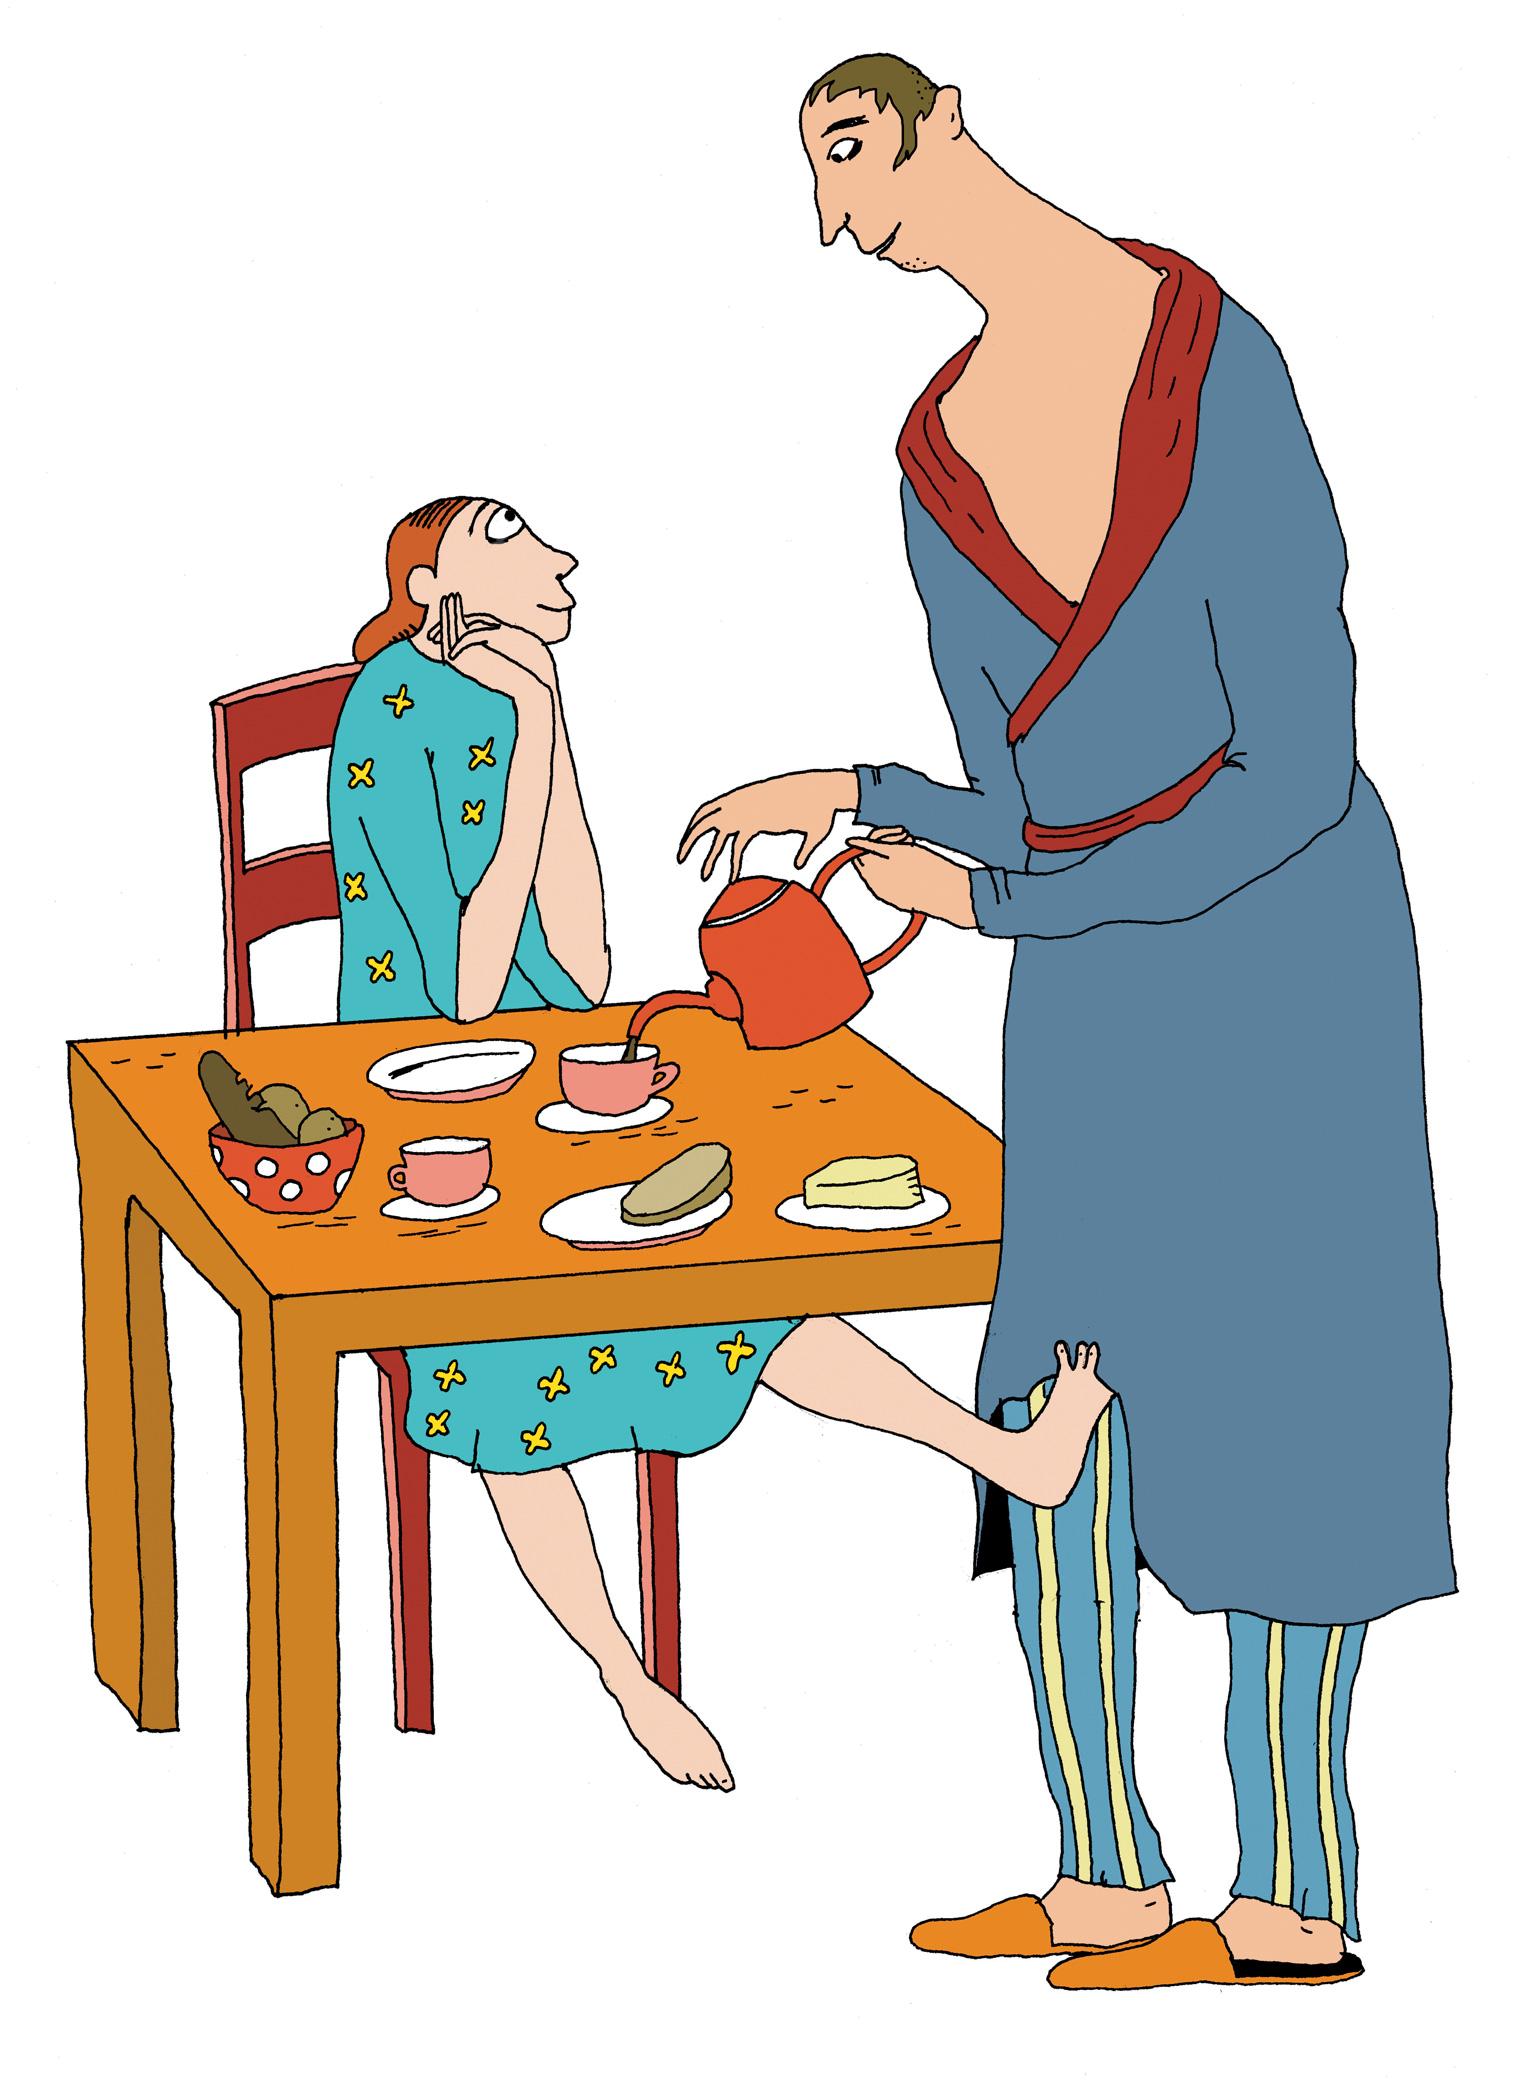 Femina Prendre son pied sans se prendre la tête